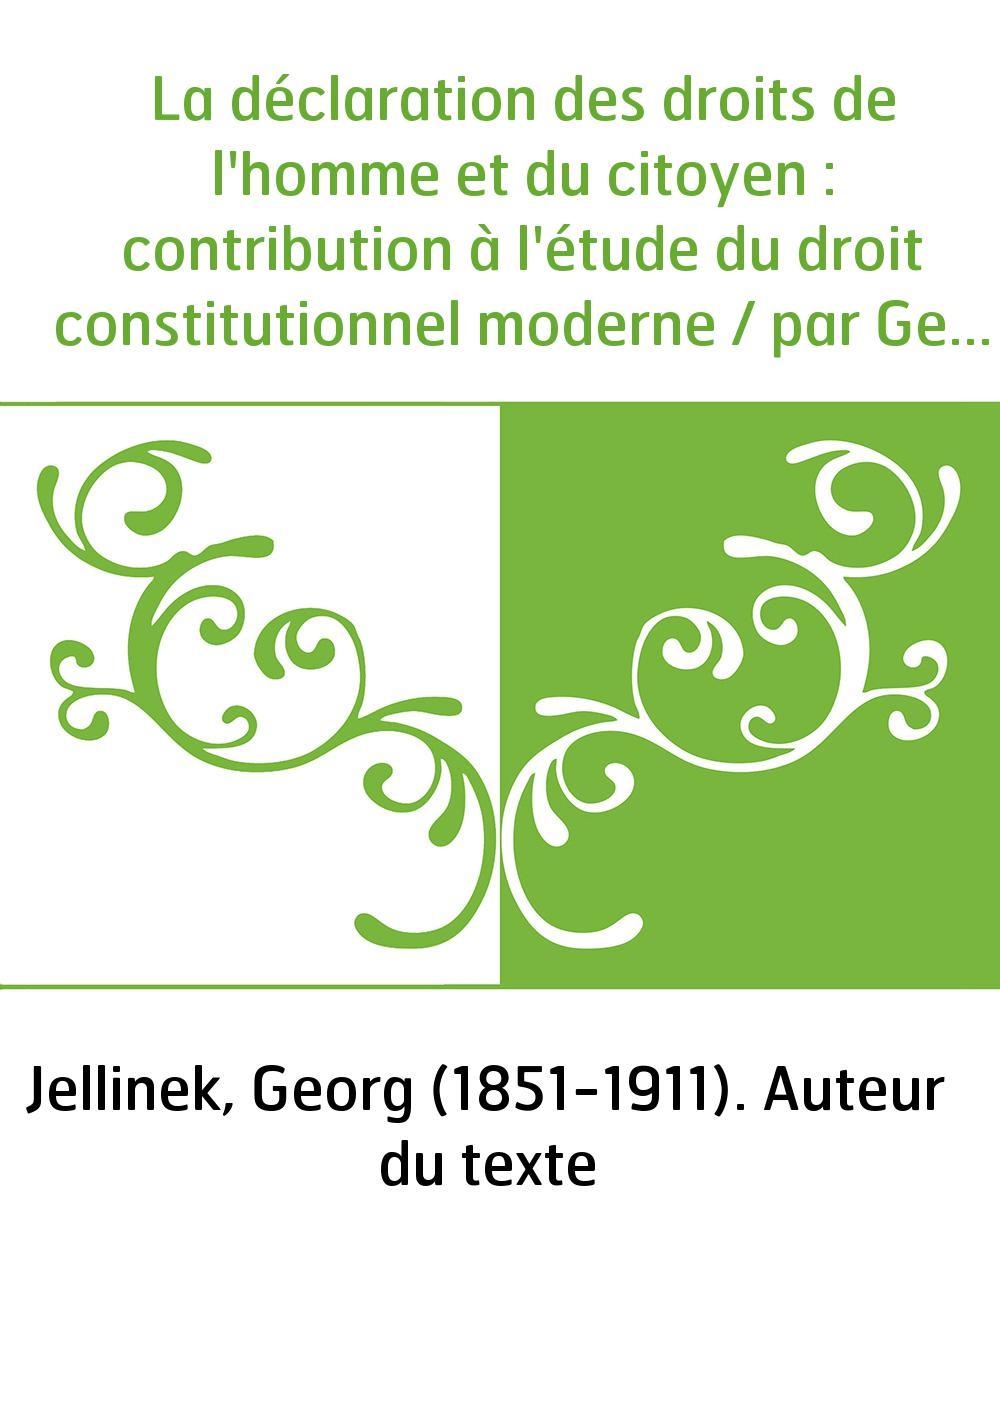 La déclaration des droits de l'homme et du citoyen : contribution à l'étude du droit constitutionnel moderne / par George Jellin